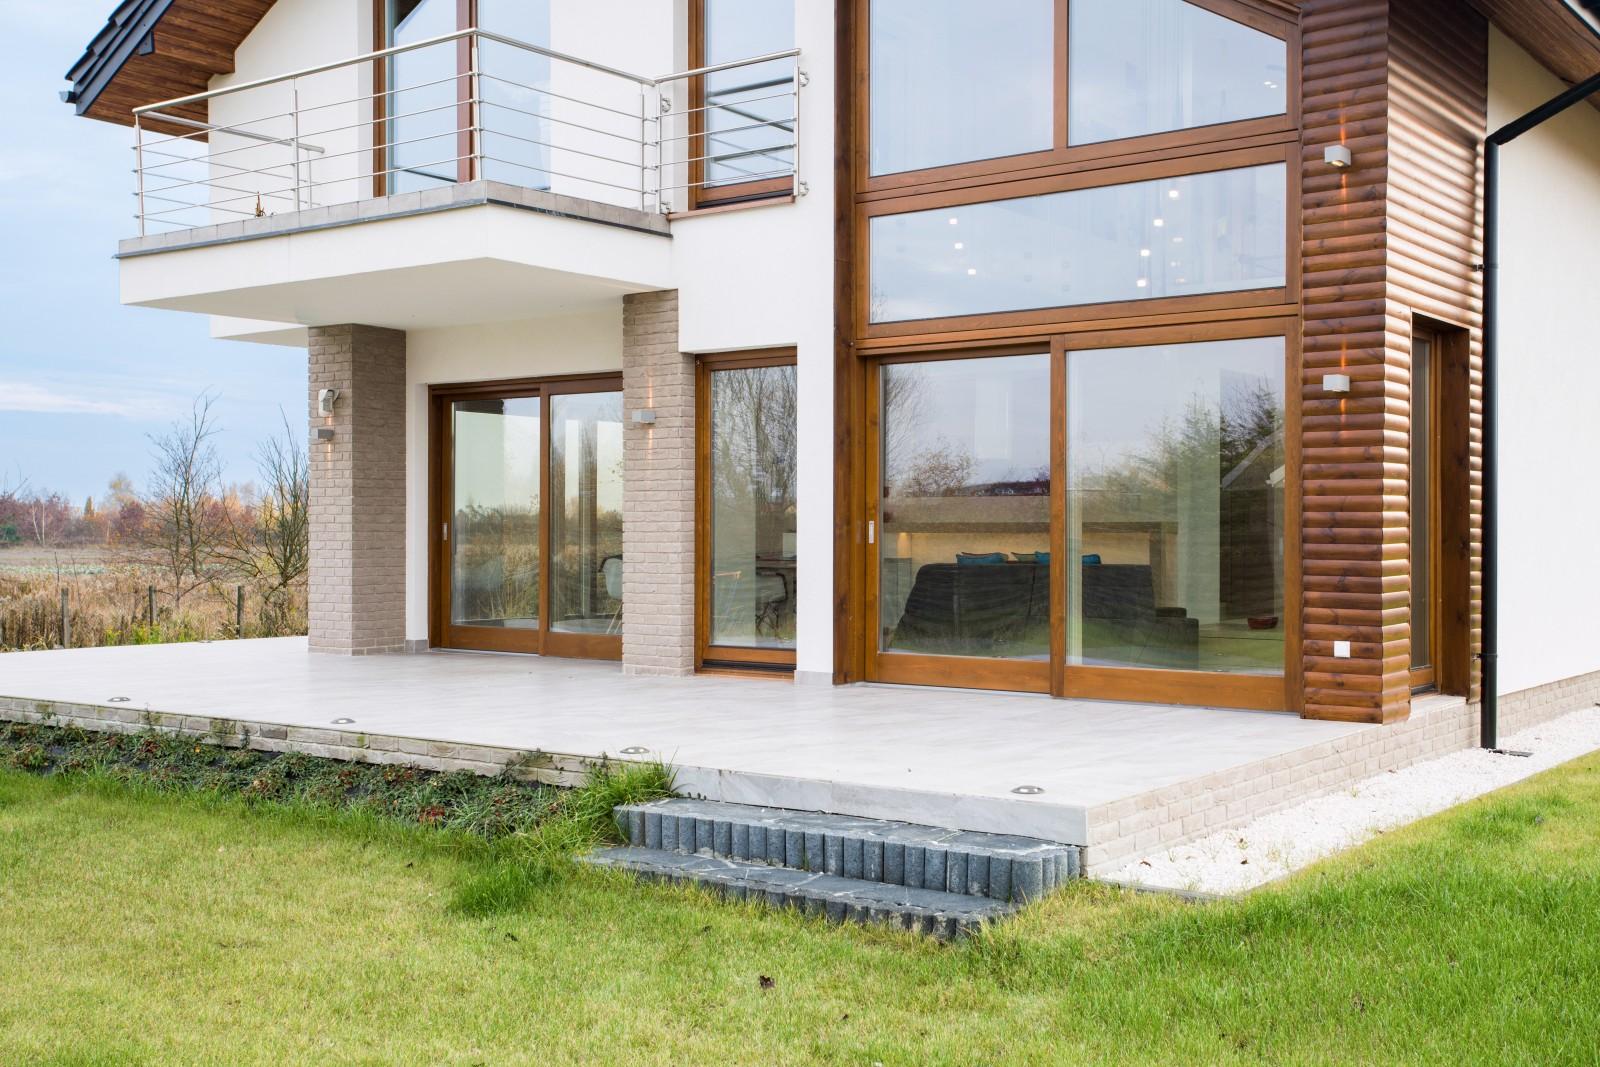 Az ablakfólia bármilyen függőleges felületű ablakon alkalmazható: bukó és nyíló ablak, fix ablak, tolóajtó.